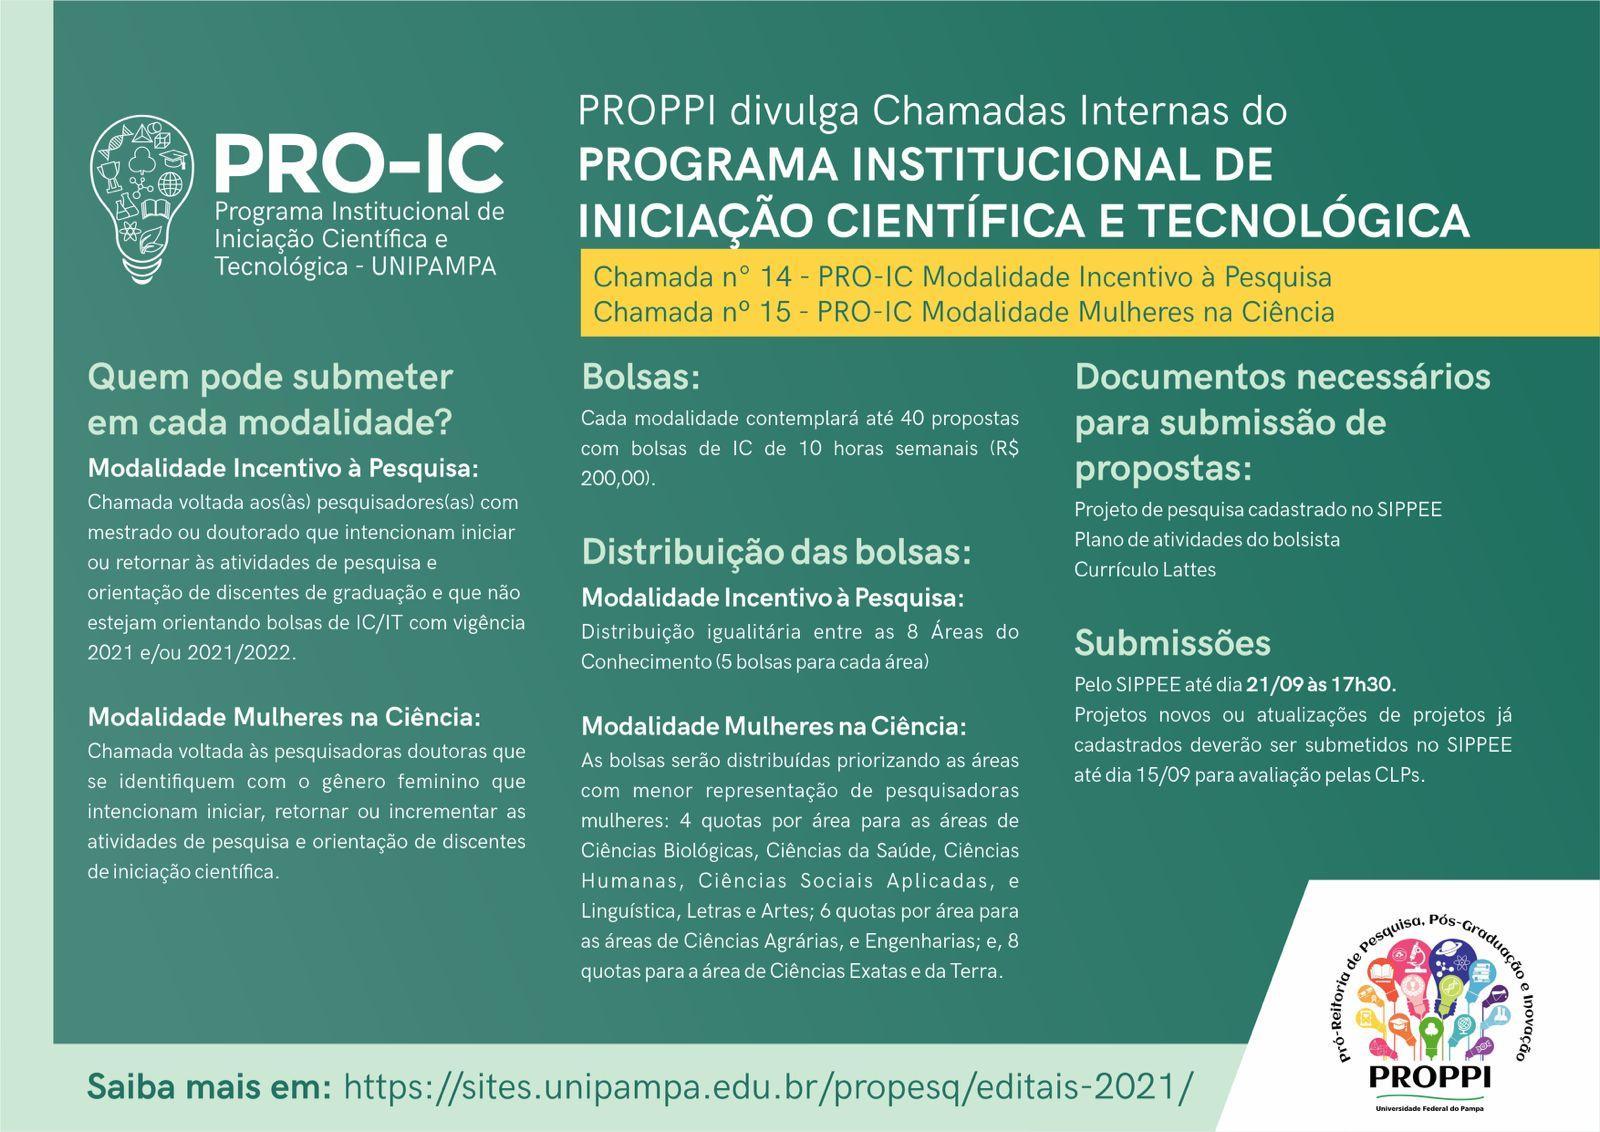 flyer com detalhes das Chamadas Internas Incentivo à Pesquisa e Mulheres na Ciência